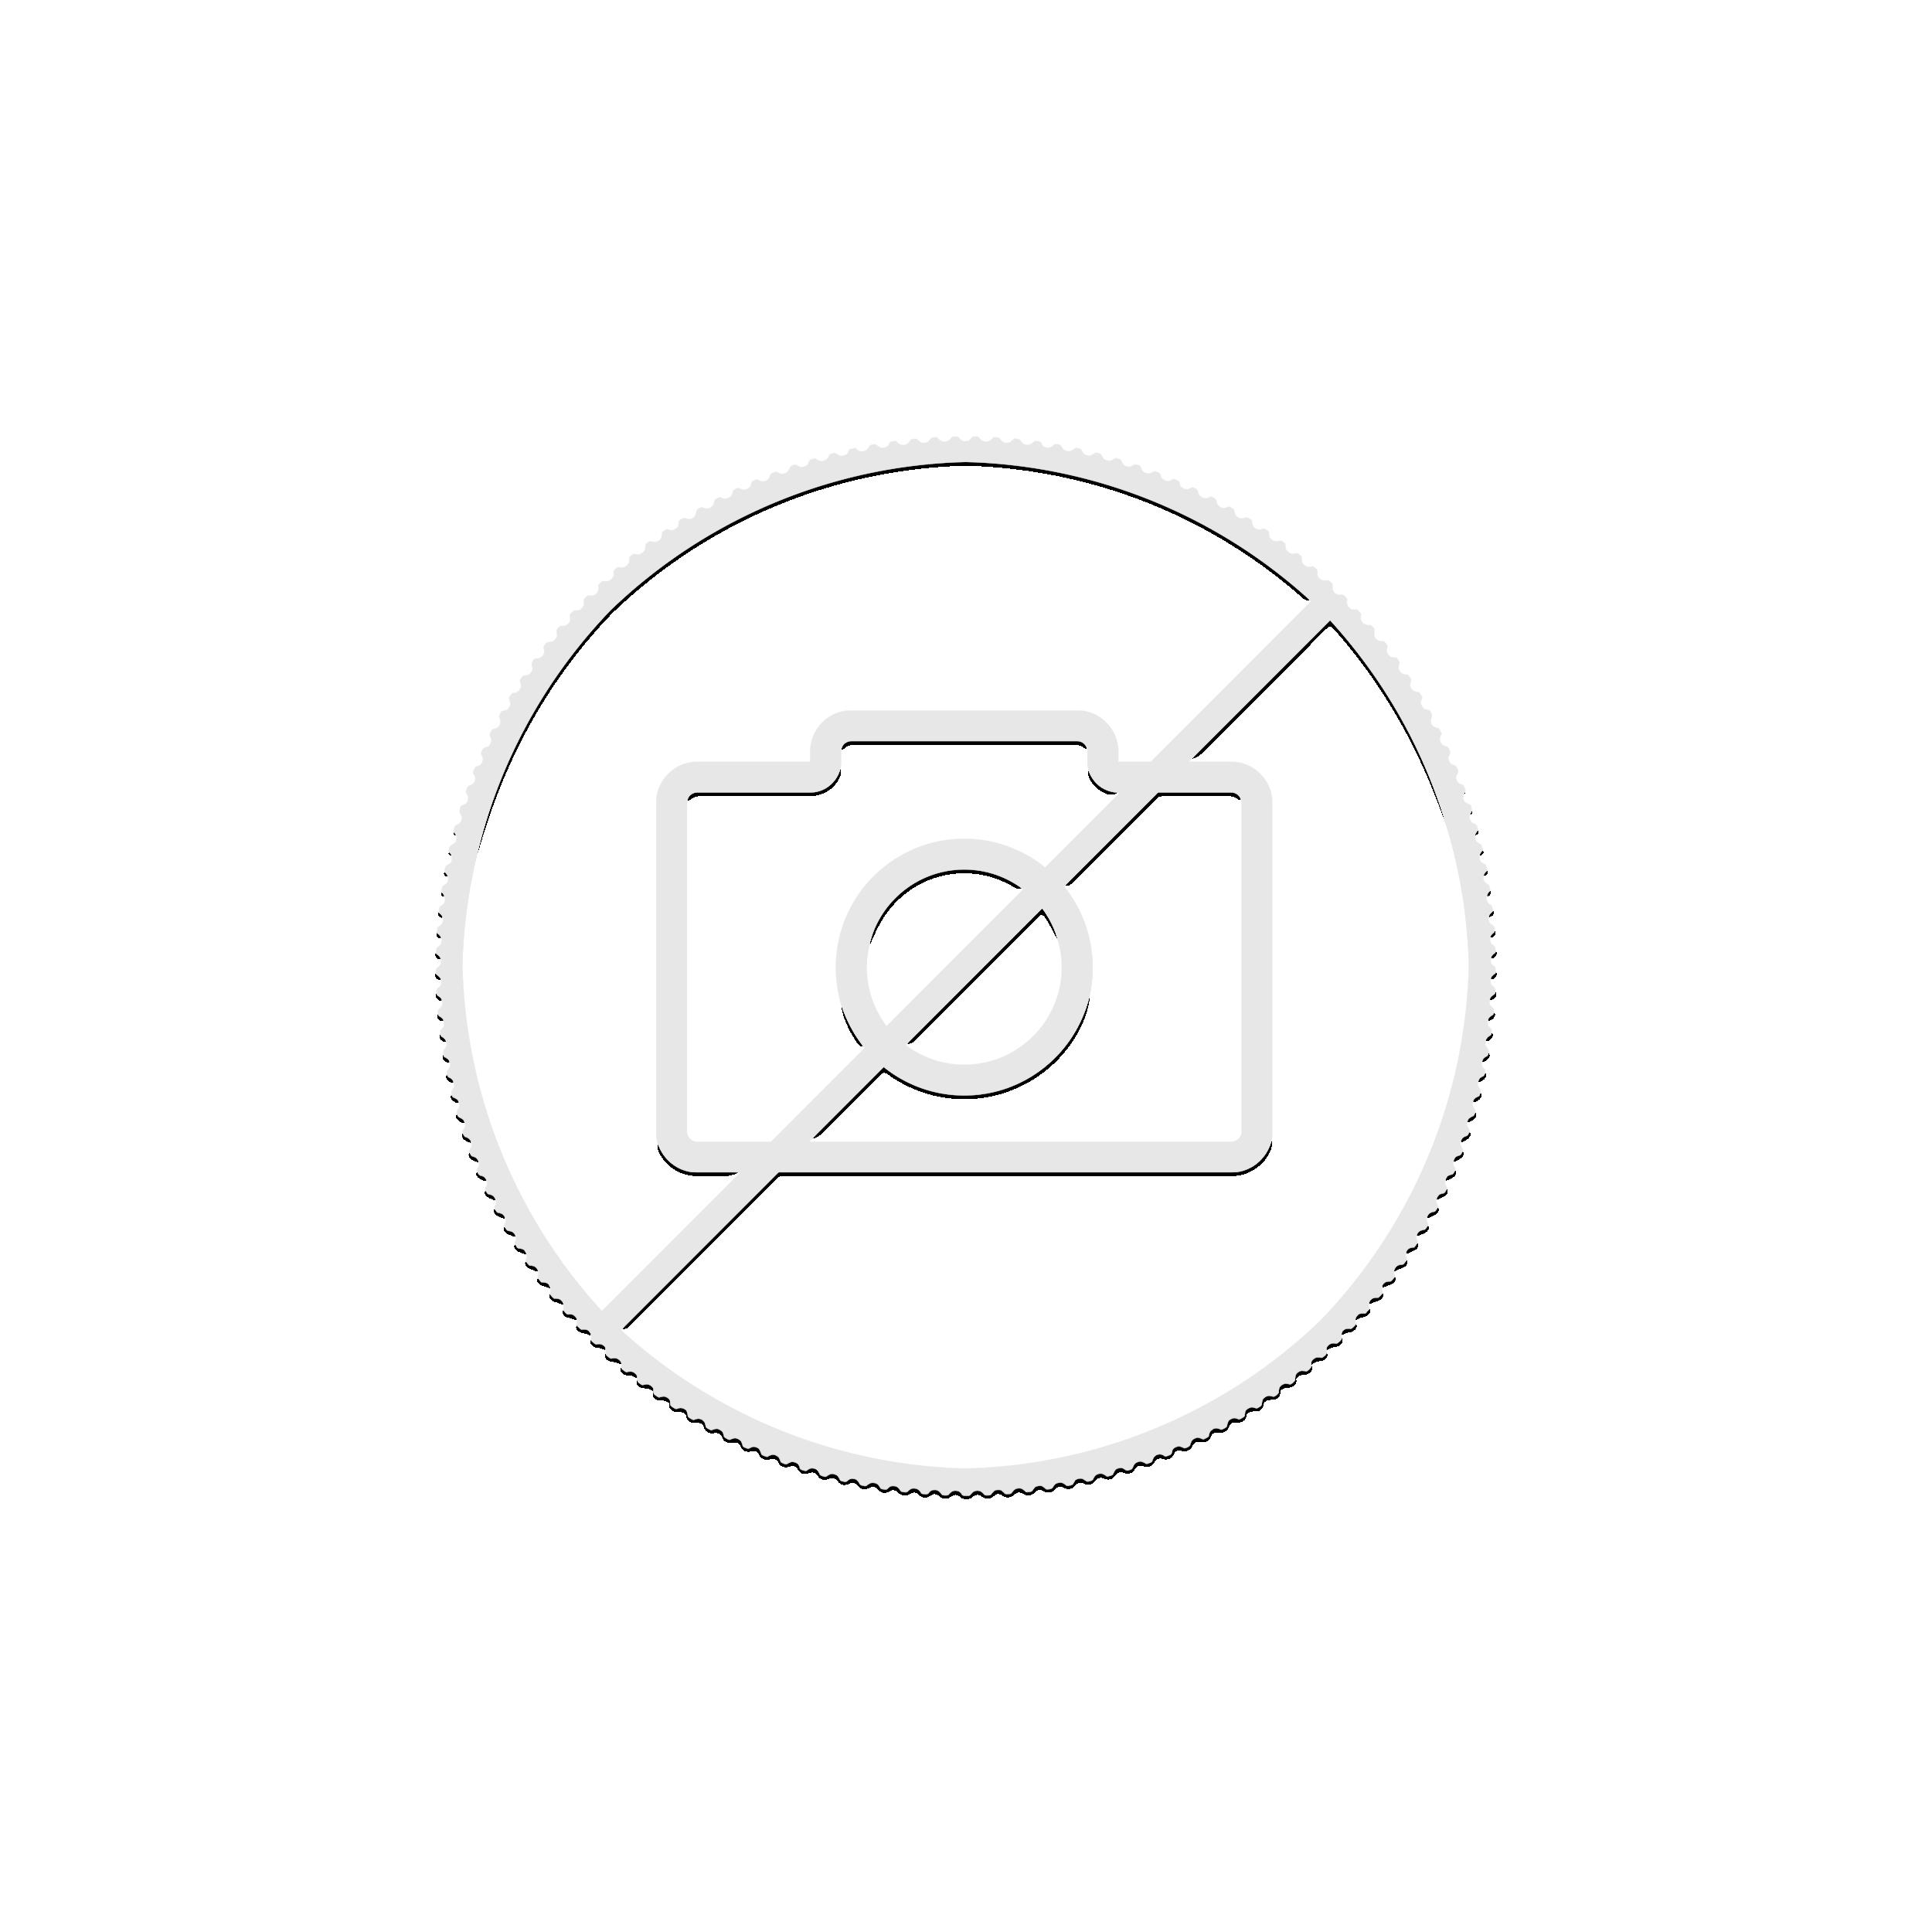 1 Troy ounce zilveren Kookaburra munt 2011